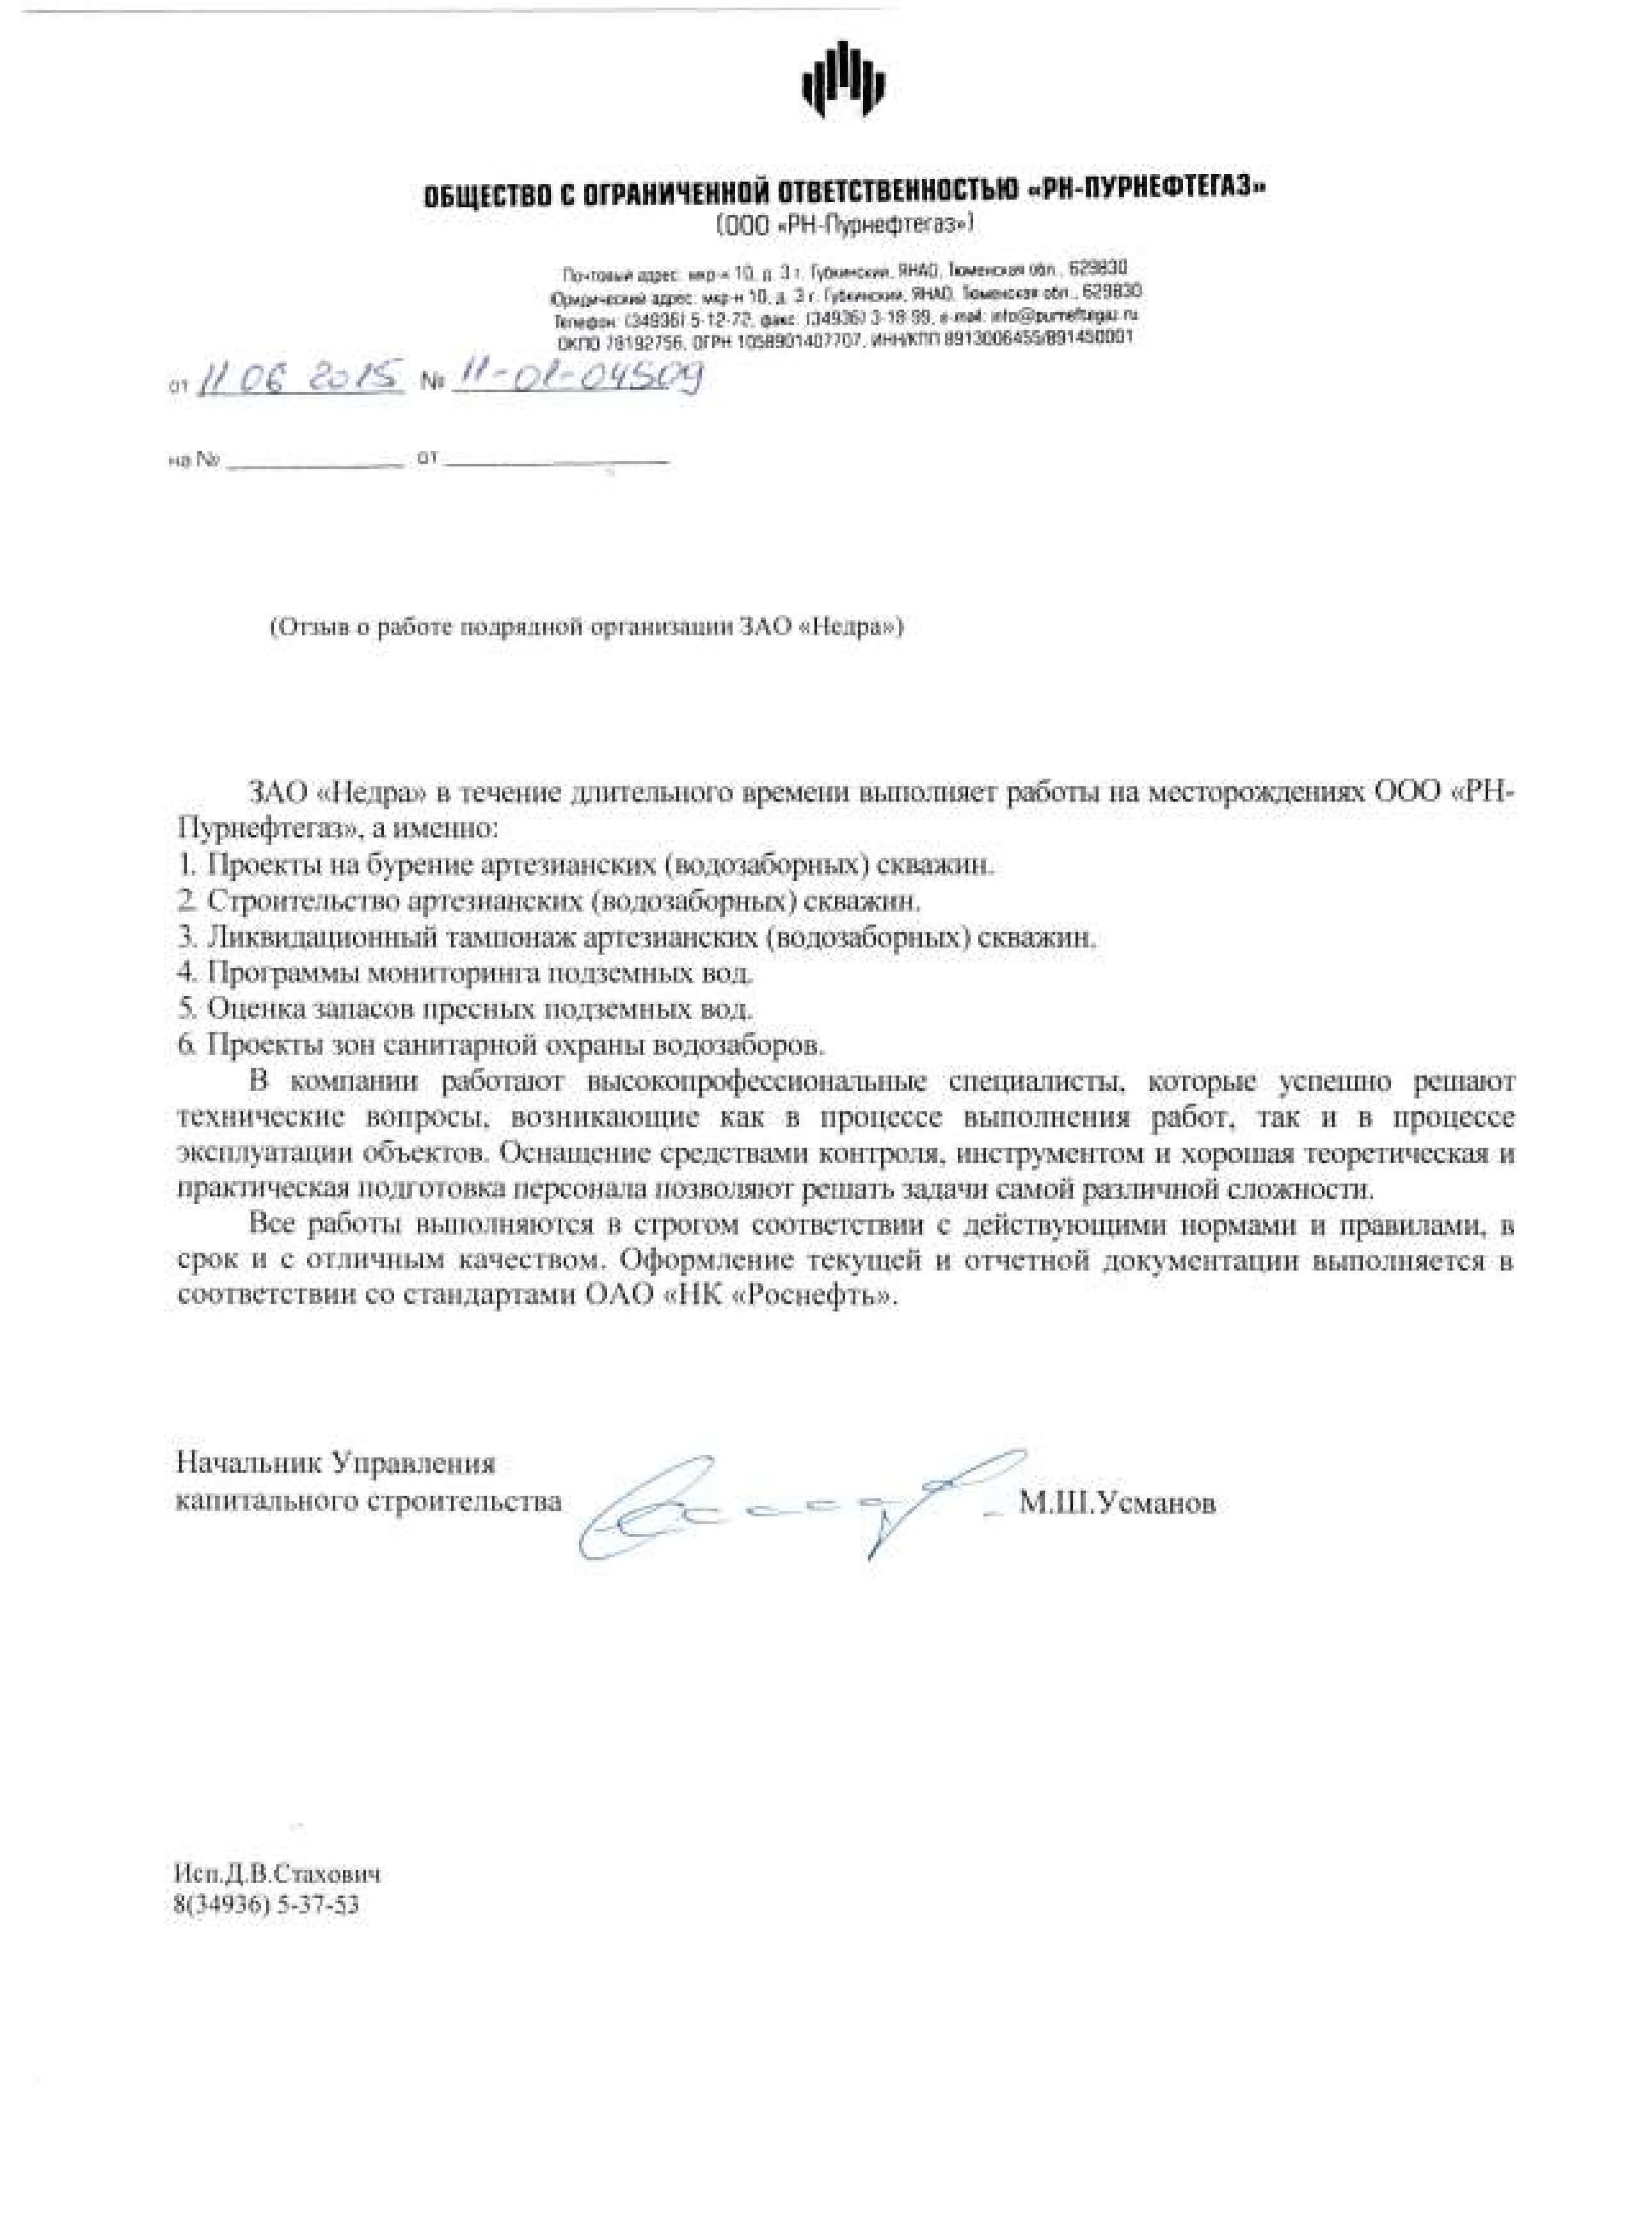 Отзыв от ООО РН-Пурнефтегаз №2